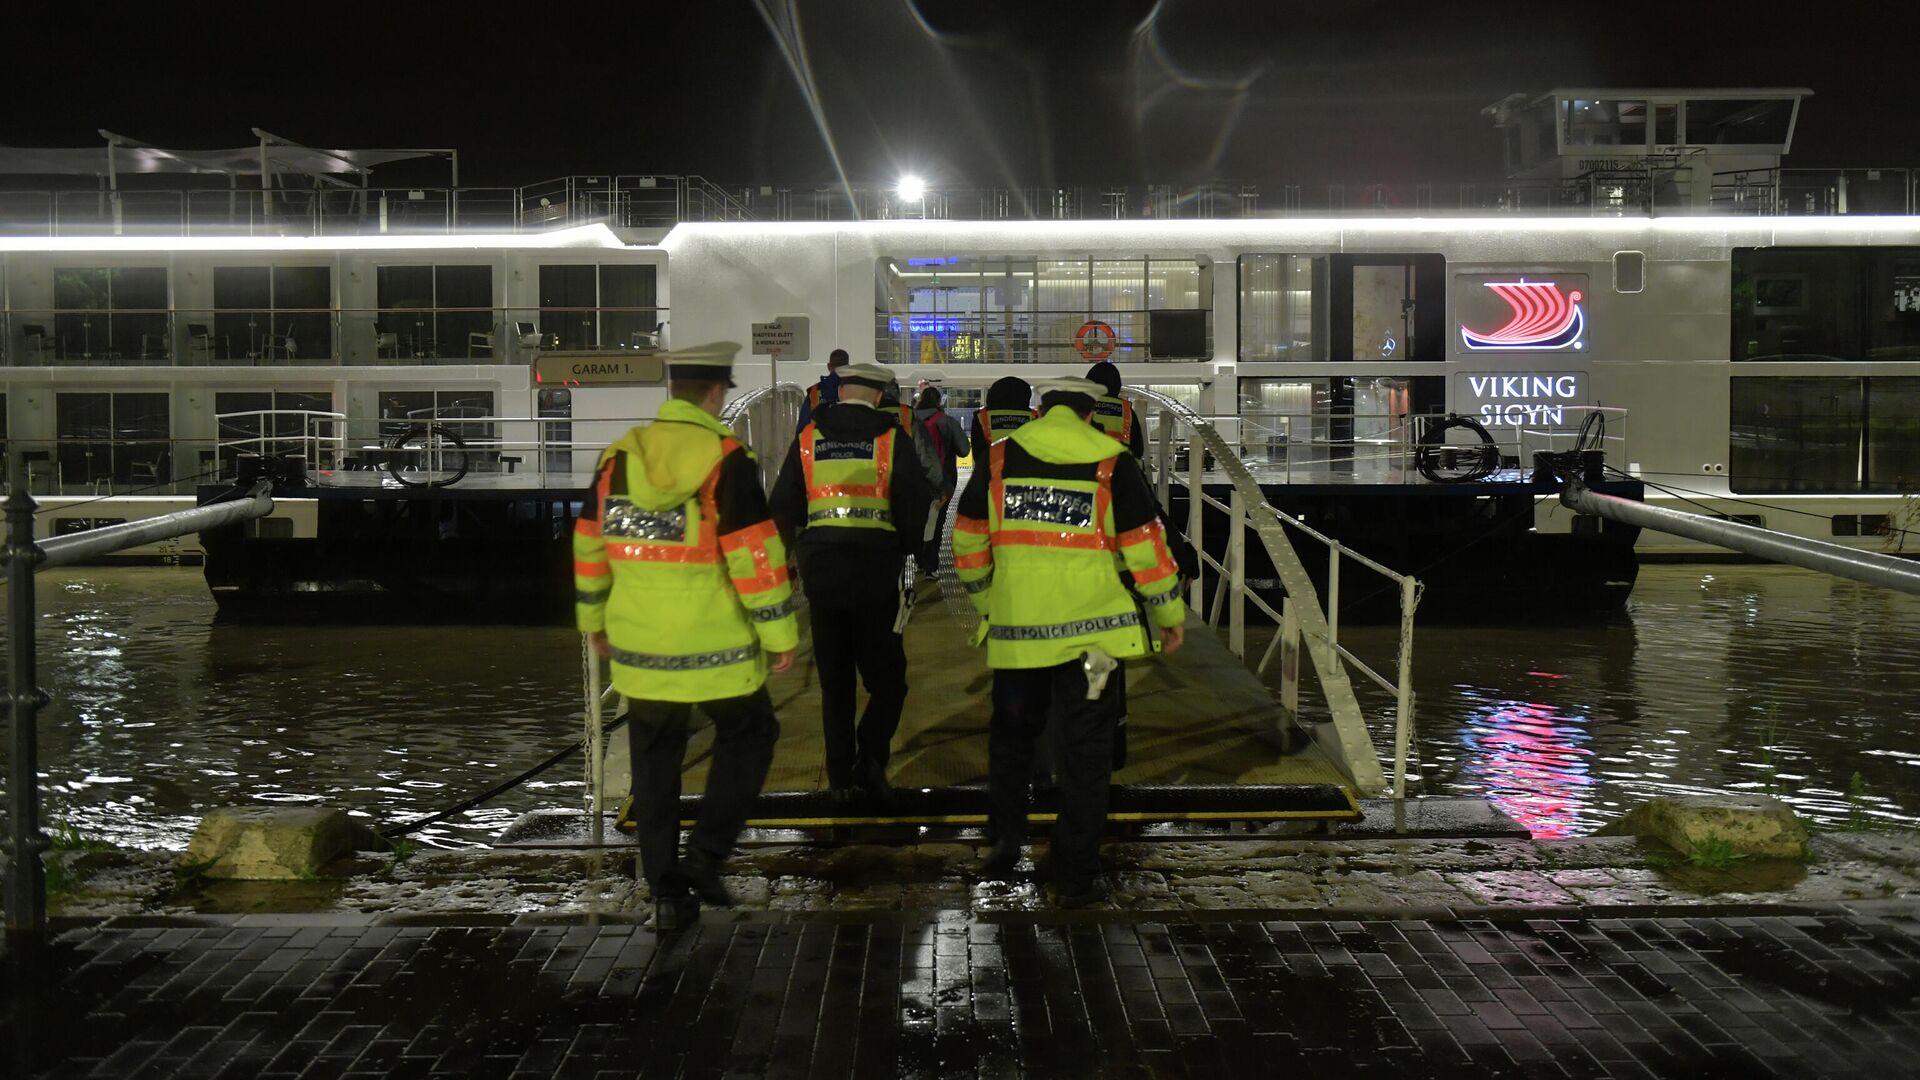 Полицейские поднимаются на борт туристического судна Viking Sigyn во время расследования аварии на реке Дунай в Будапеште, Венгрия - РИА Новости, 1920, 23.09.2020